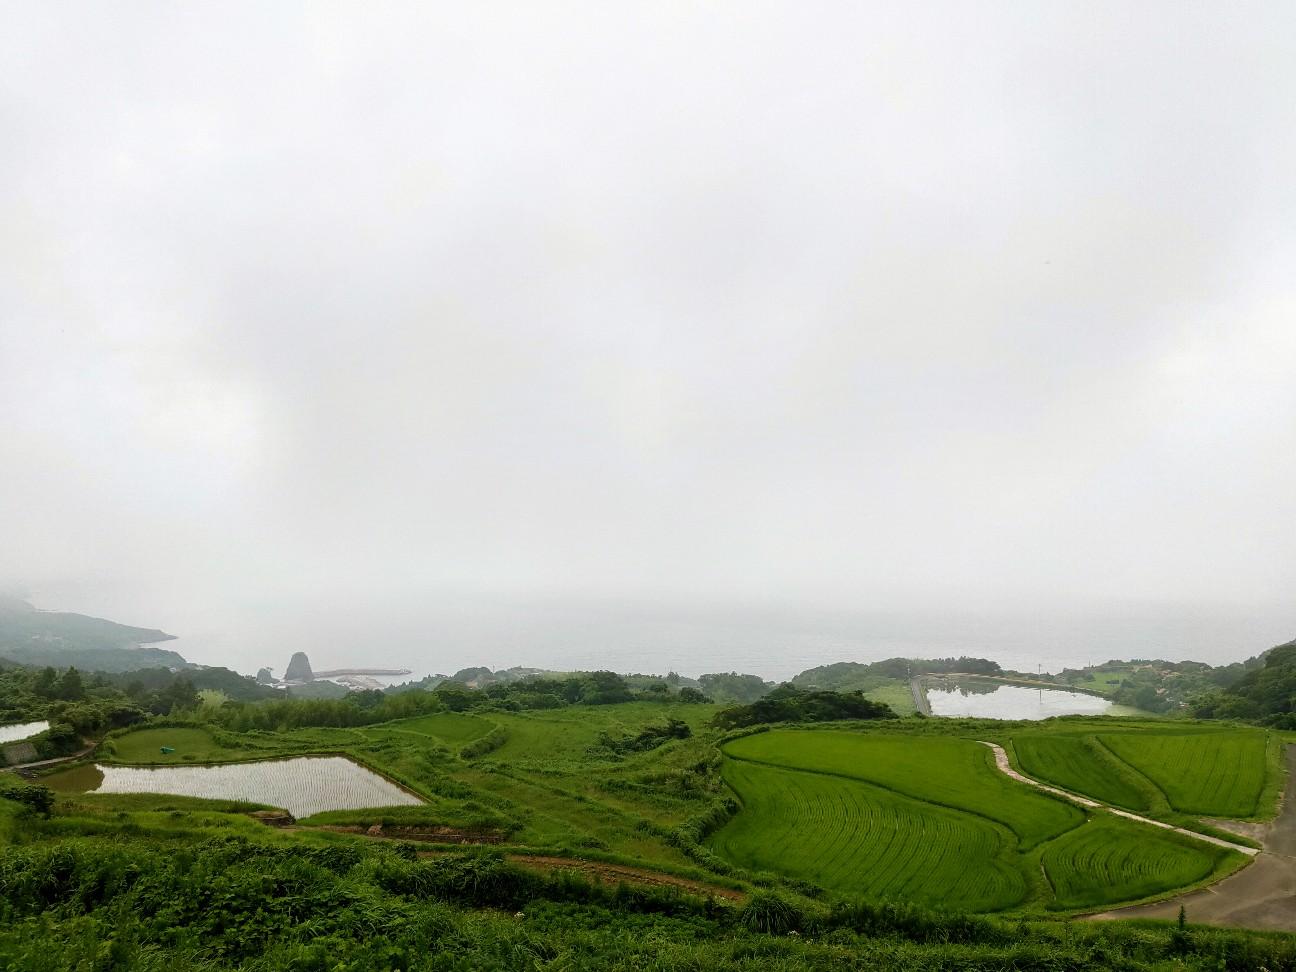 f:id:shingo_shiraishi:20200711235025j:image